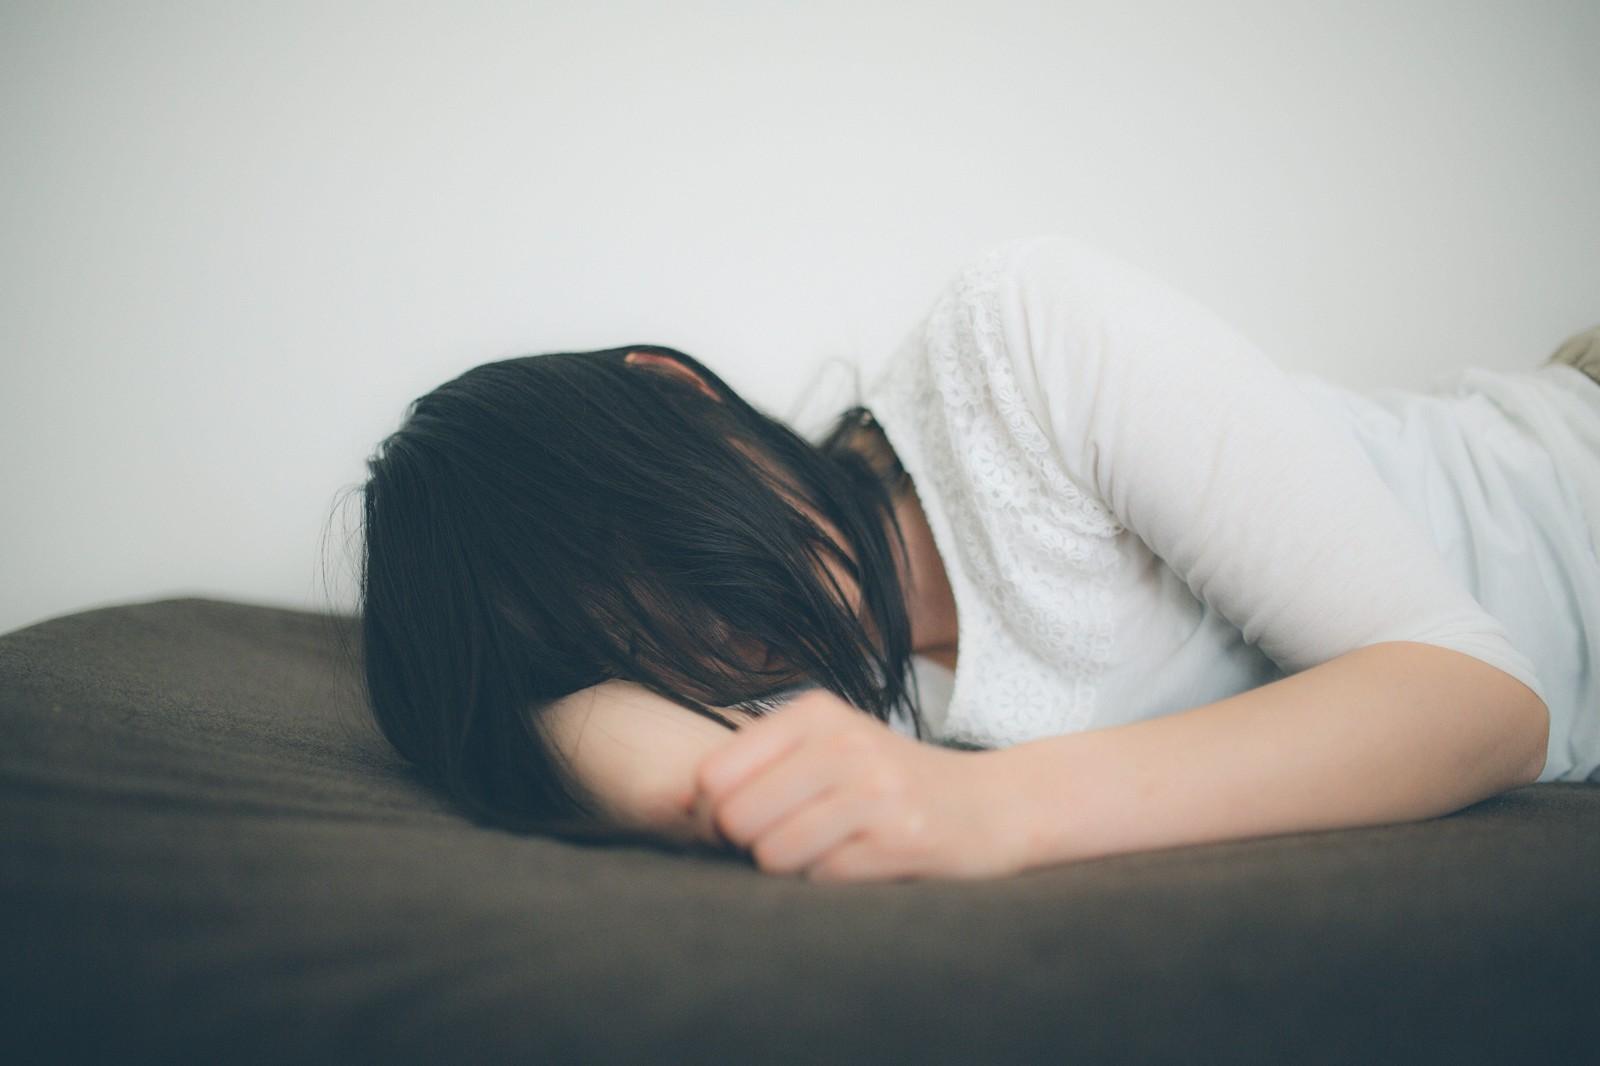 首を自然に反らせて心地よい寝姿勢に